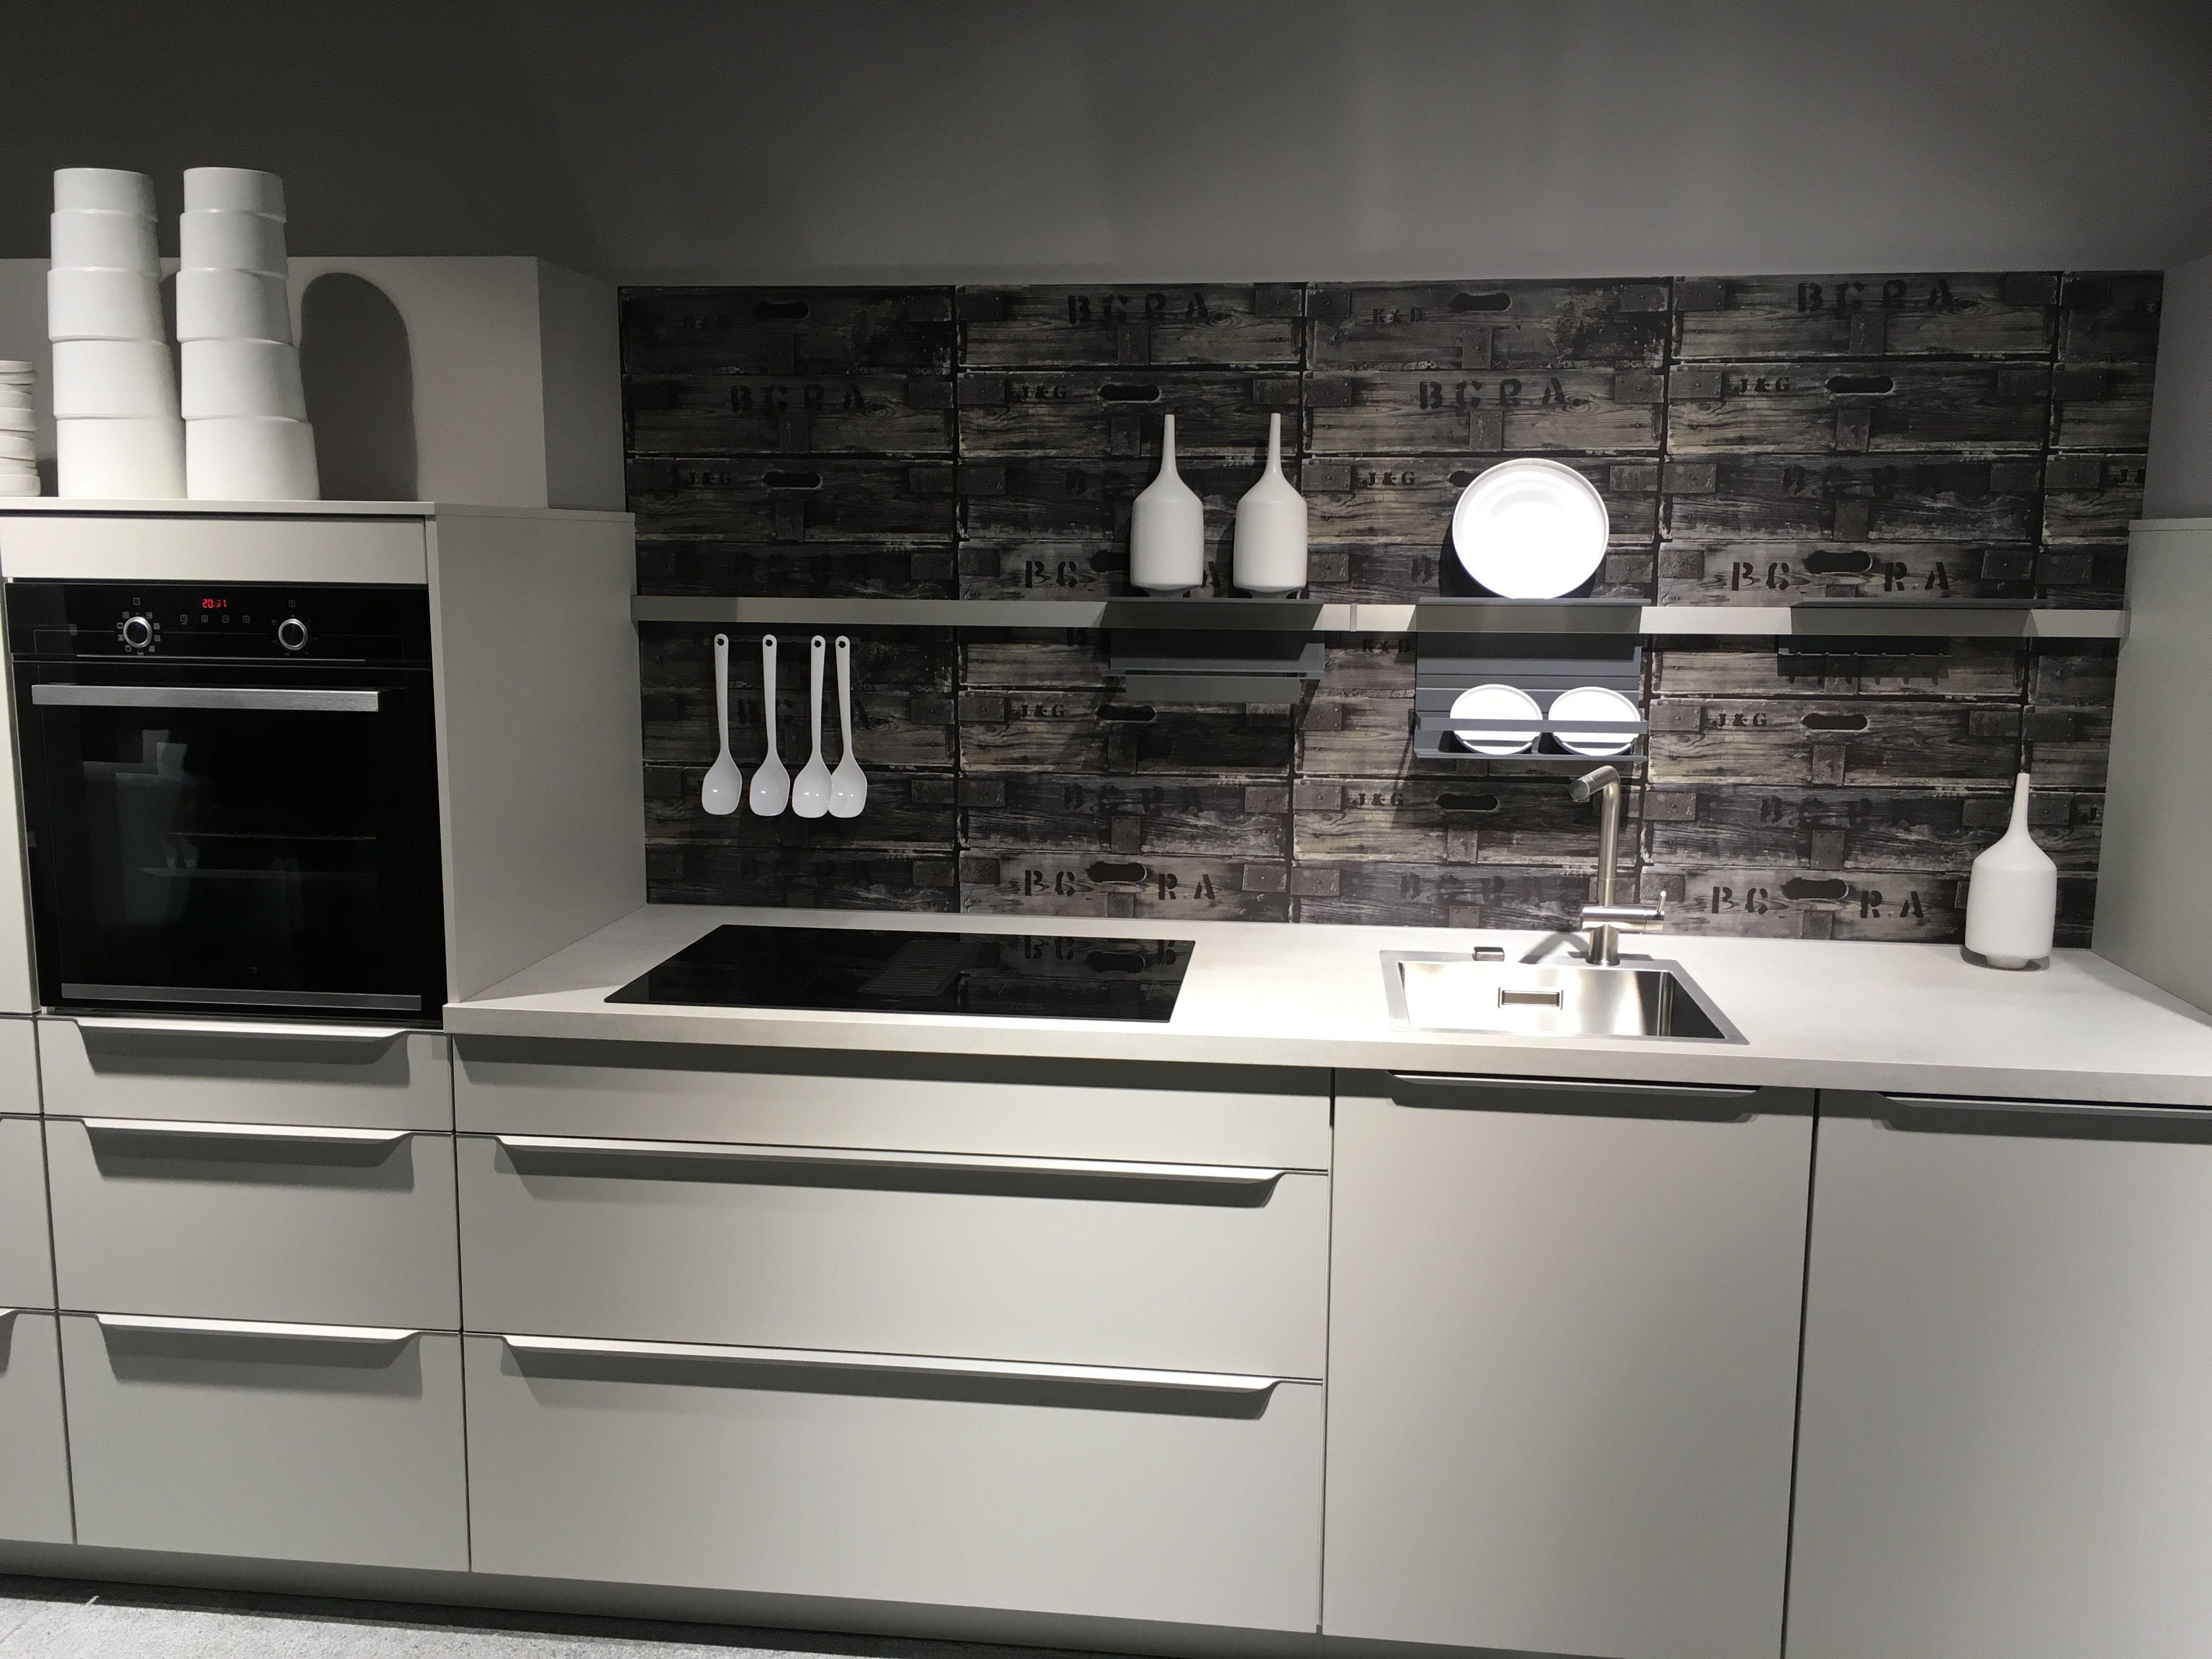 Mit einer Nischenrückwand lässt sich eine weiße Küche schnell